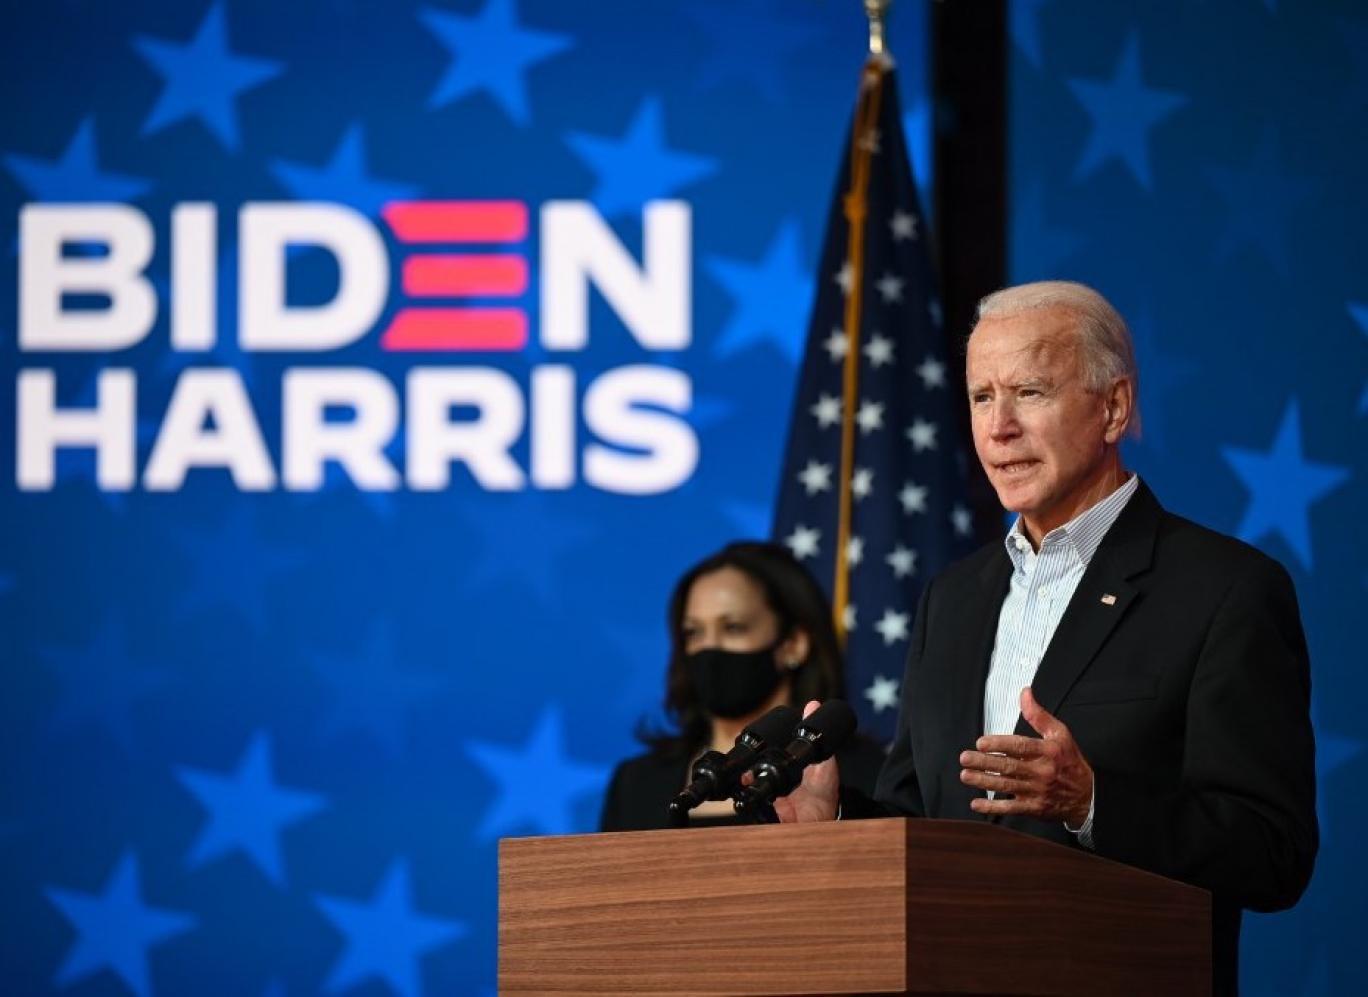 واکنش ها به پیروزی بایدن در انتخابات ریاست جمهوری آمریکا